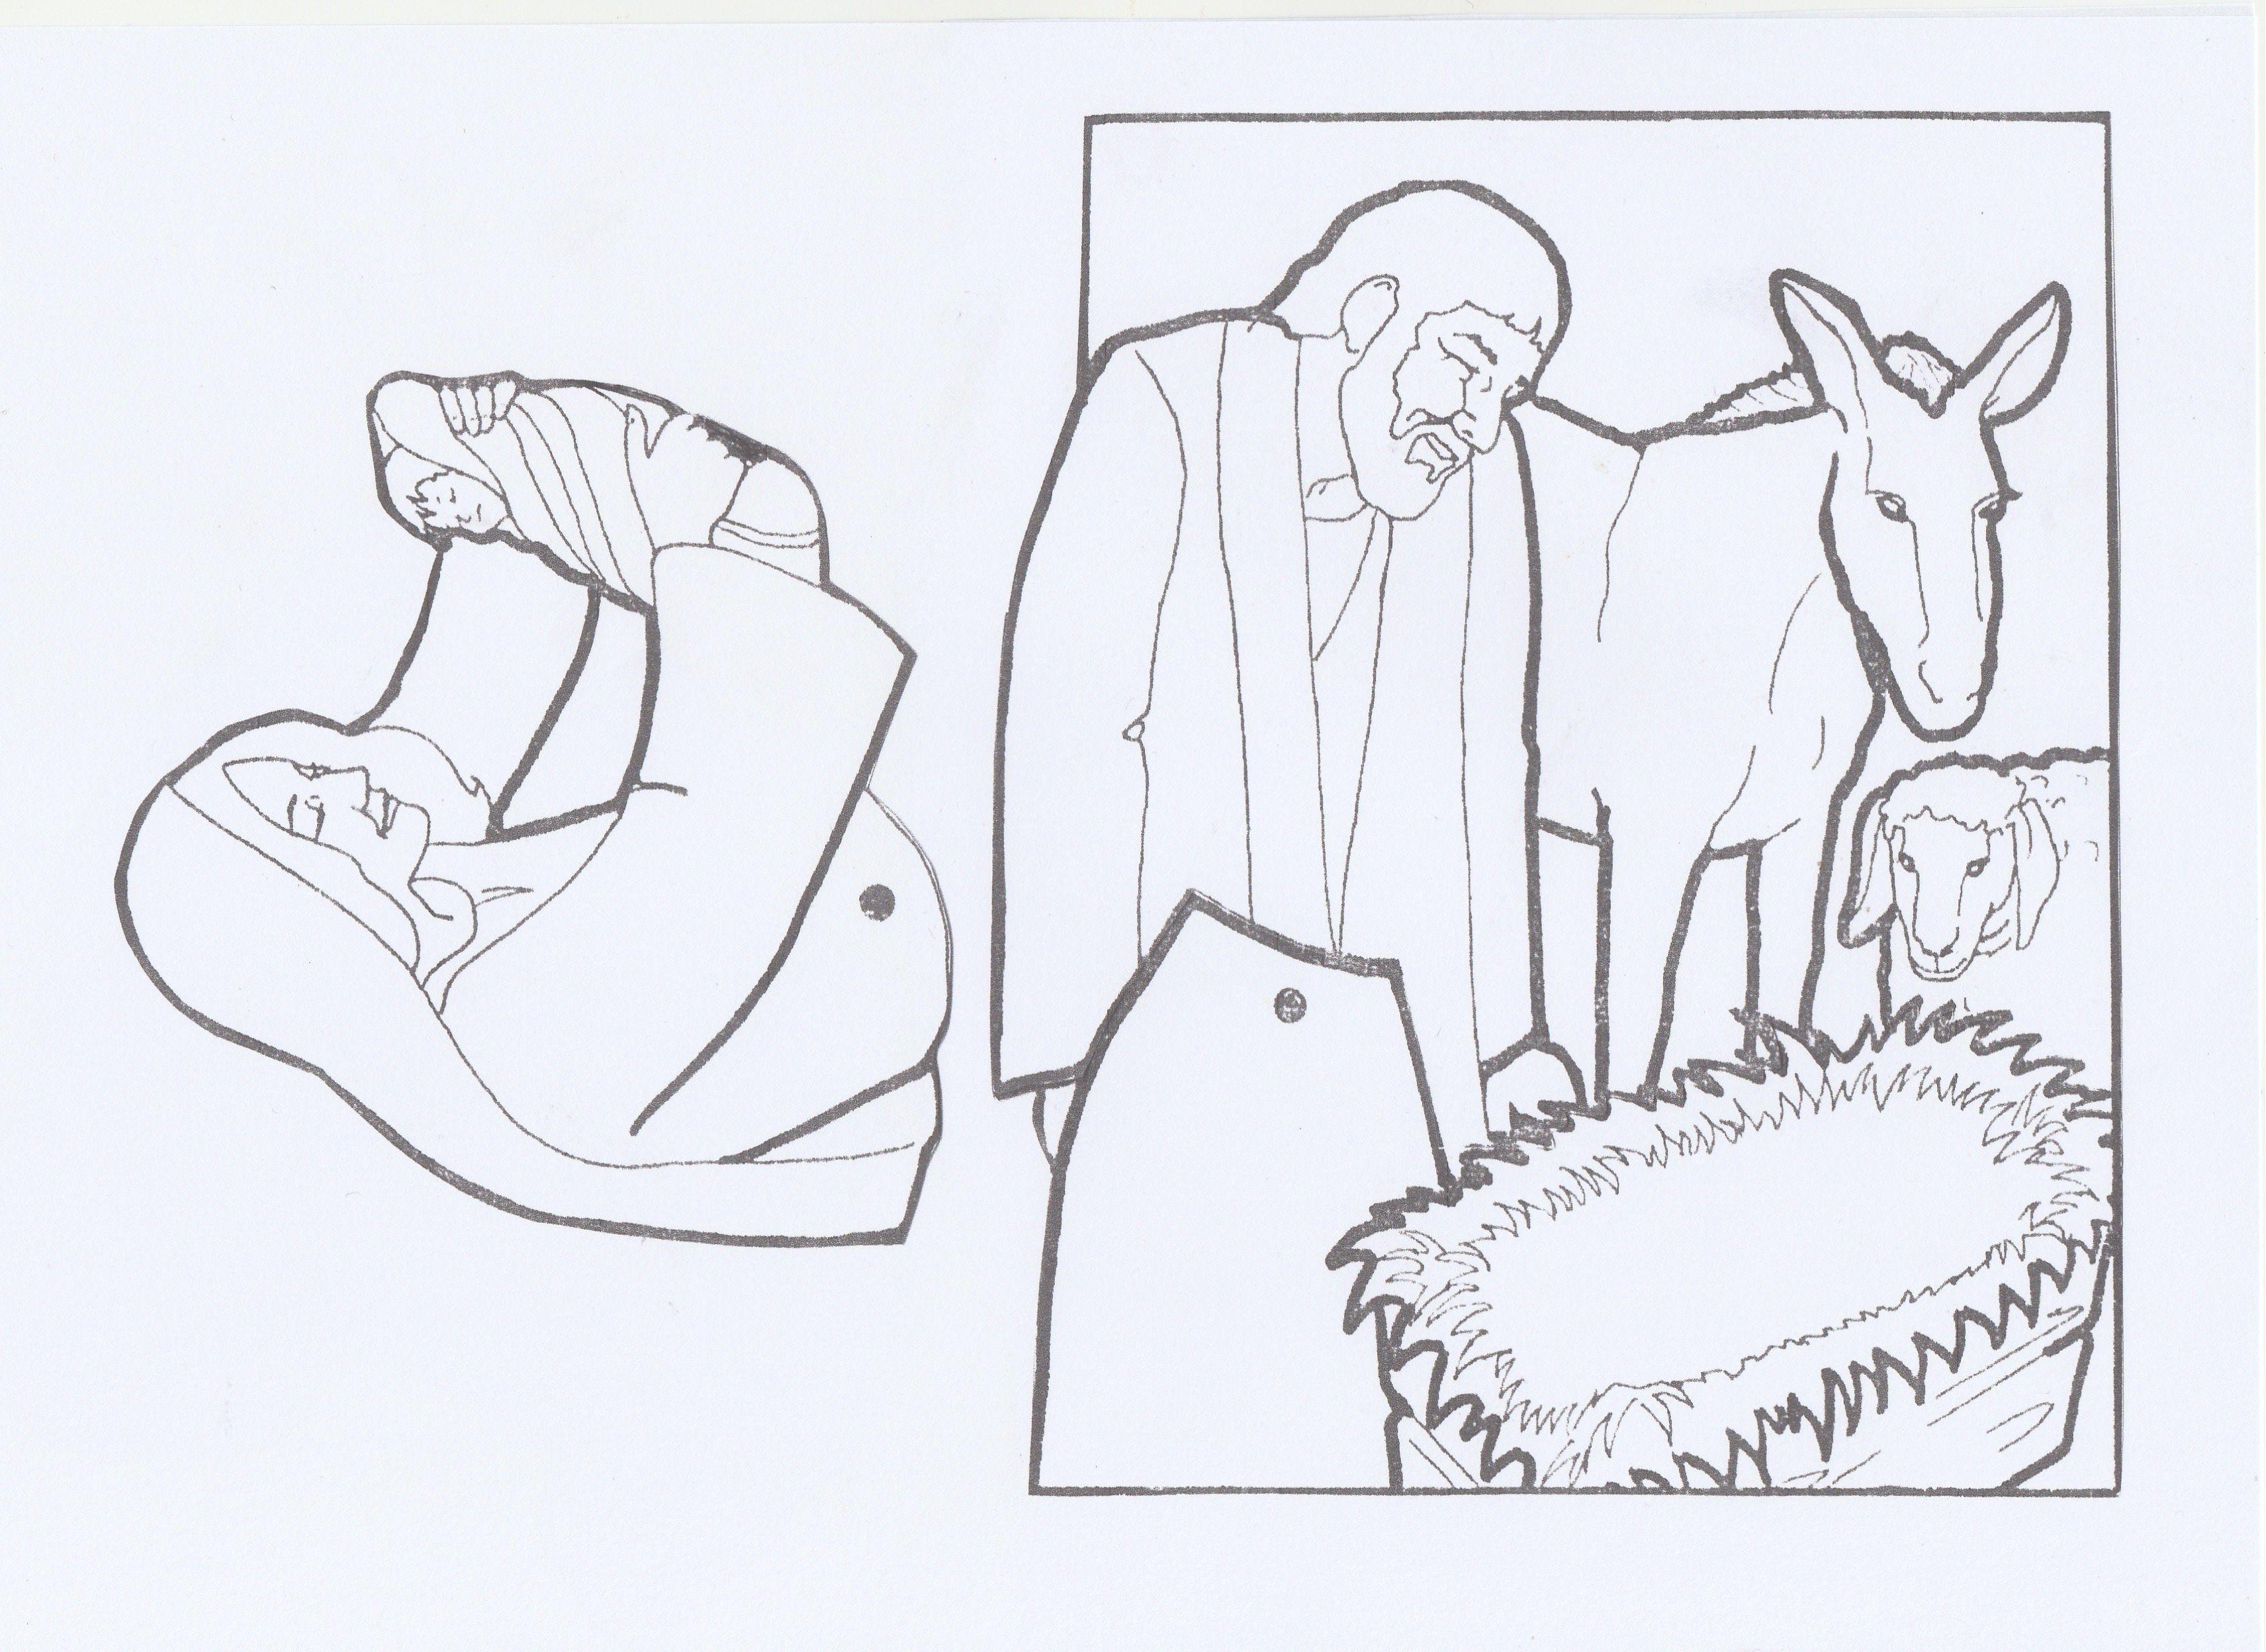 Ausmalbilder Weihnachten Krippe Inspirierend Weihnachtsmann Malvorlagen Inspirierend Bayern Ausmalbilder Frisch Das Bild